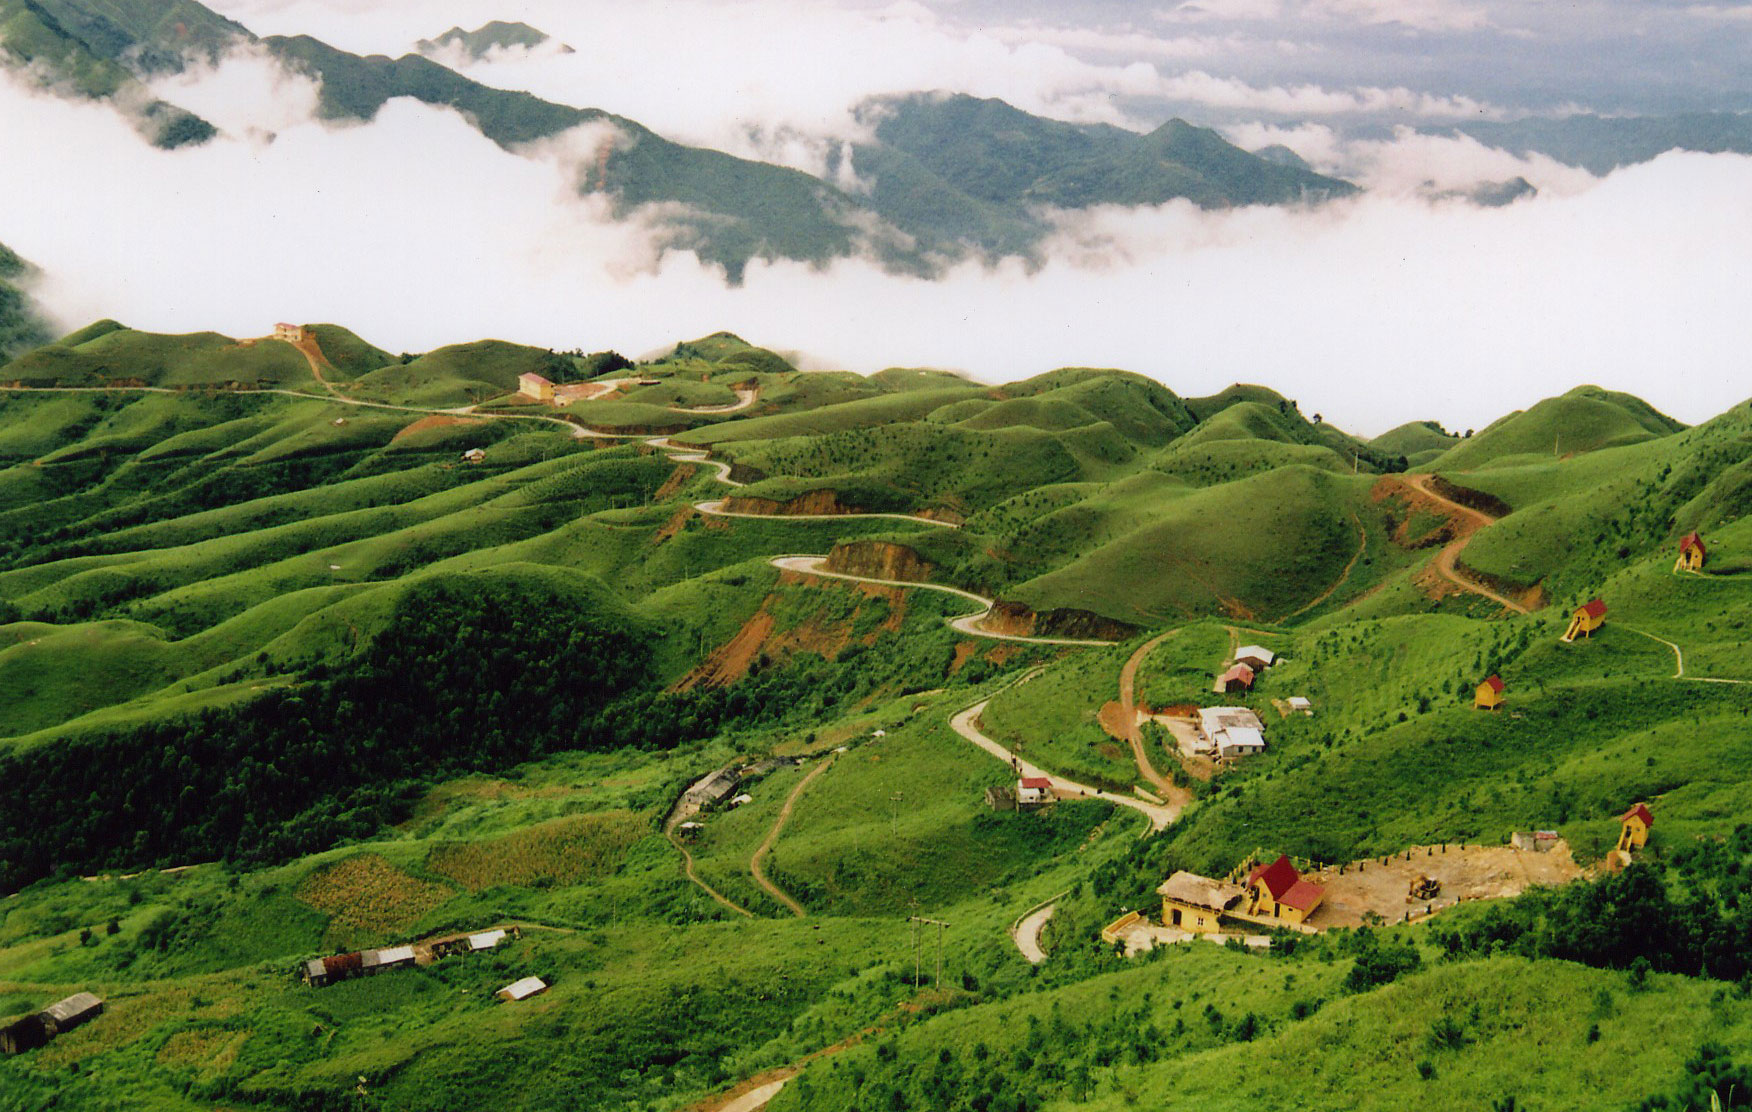 Bán nhớt Motul chất lượng cao tại Lạng Sơn